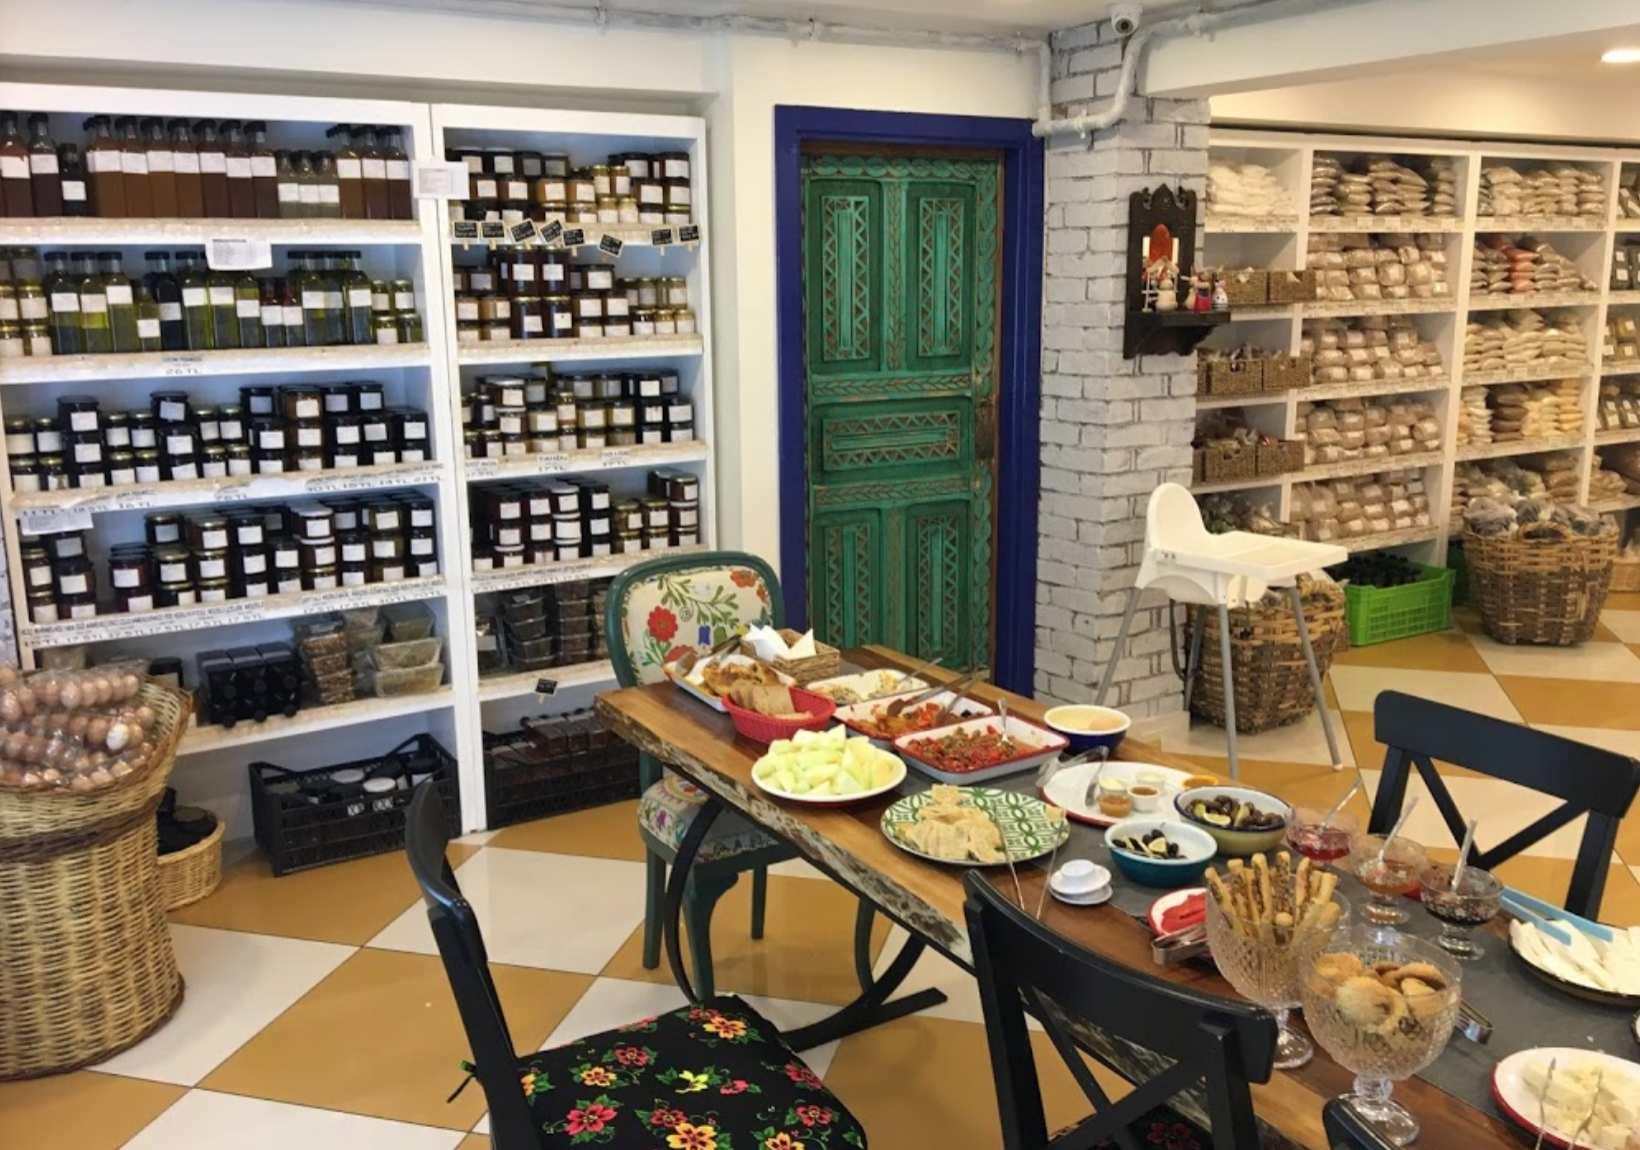 İpek Hanım Çiftliği Bağdat Caddesi Dükkanı